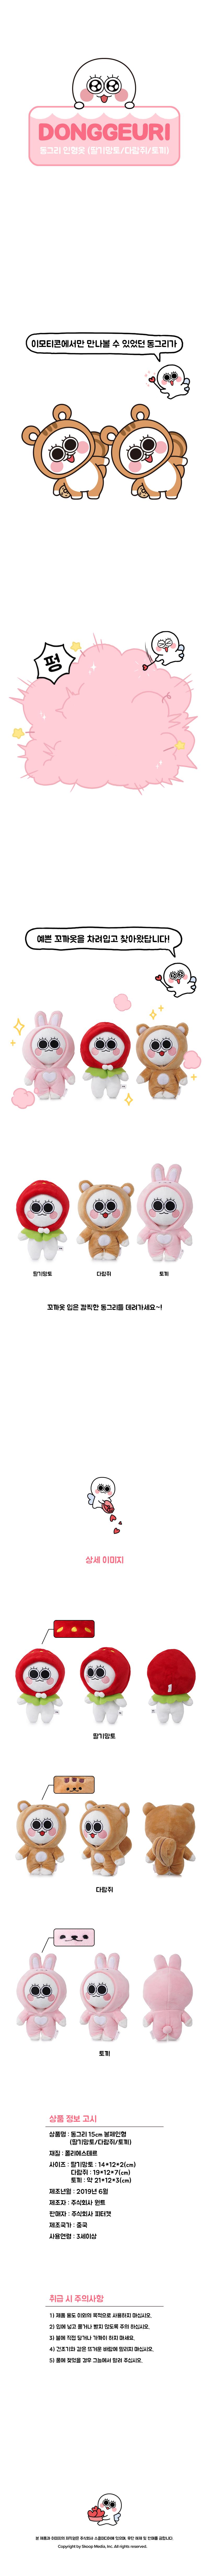 동그리 인형옷 3종 - 동그리, 10,000원, 캐릭터인형, 기타 캐릭터 인형